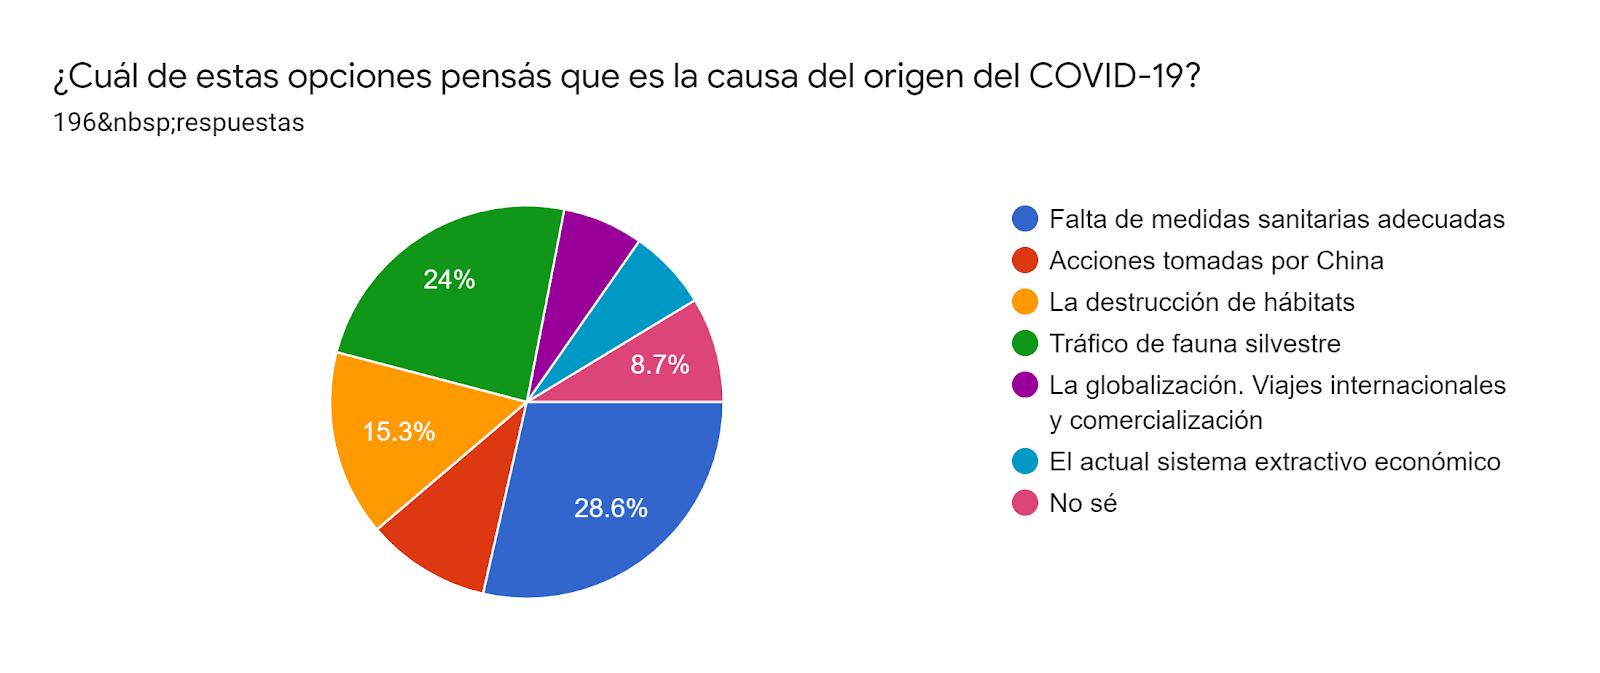 Gráfico de las respuestas de Formularios. Título de la pregunta: ¿Cuál de estas opciones pensás que es la causa del origen del COVID-19?. Número de respuestas: 196respuestas.